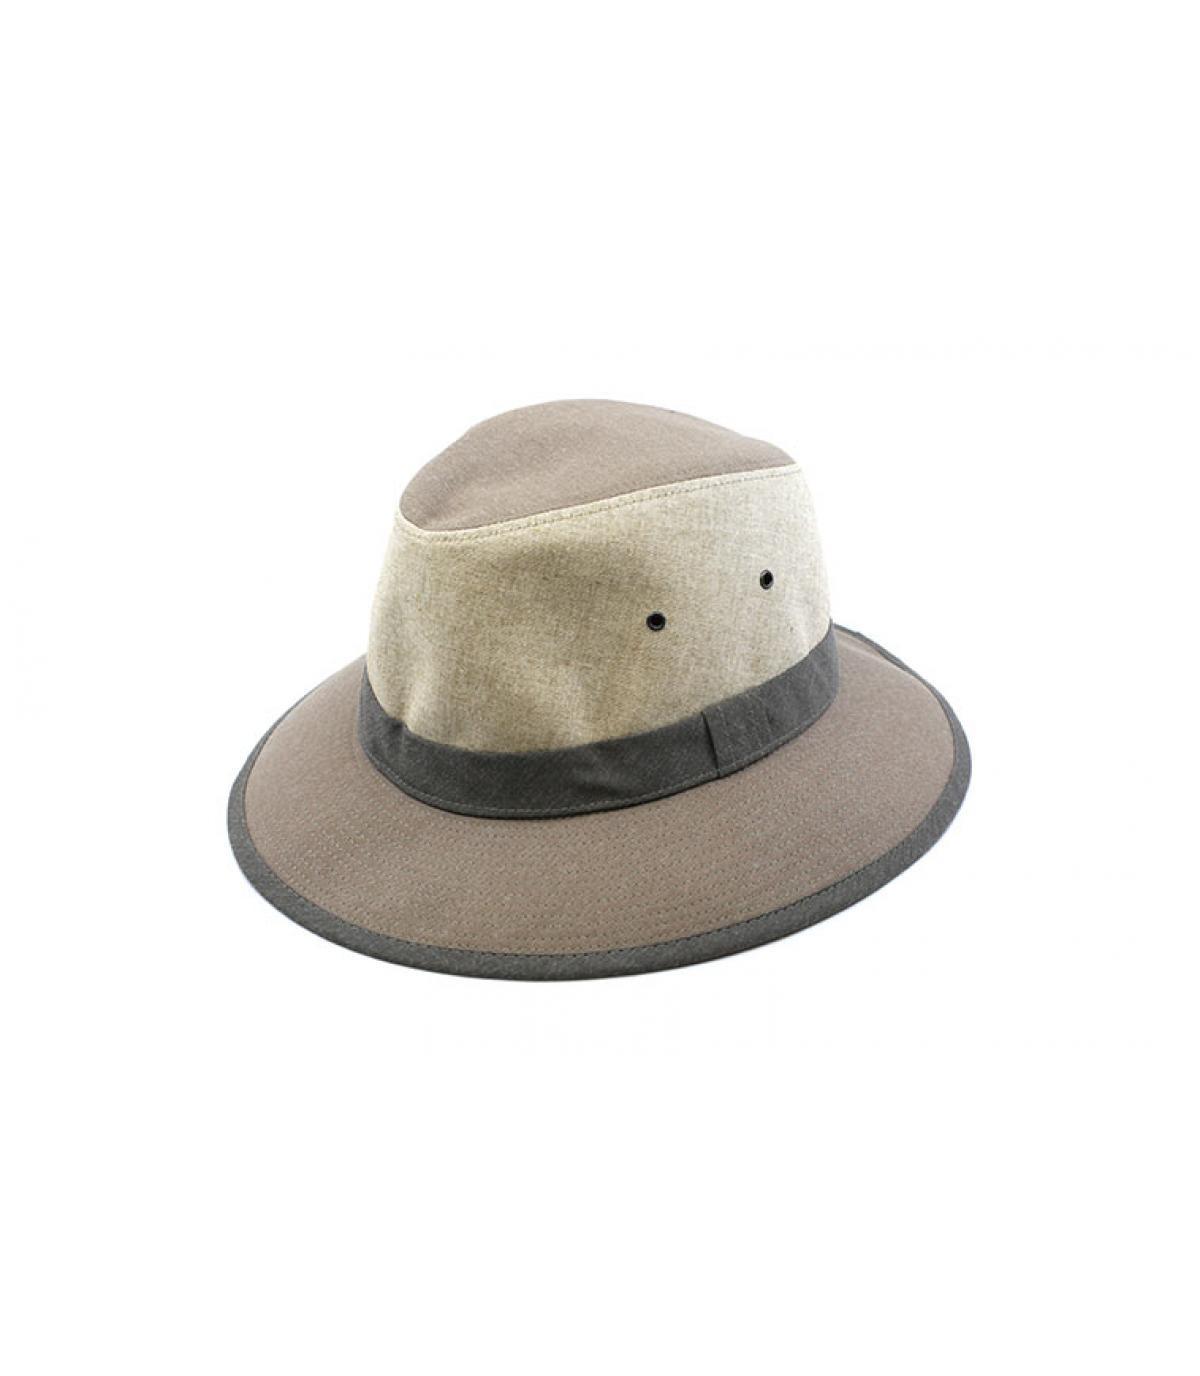 cappello beige